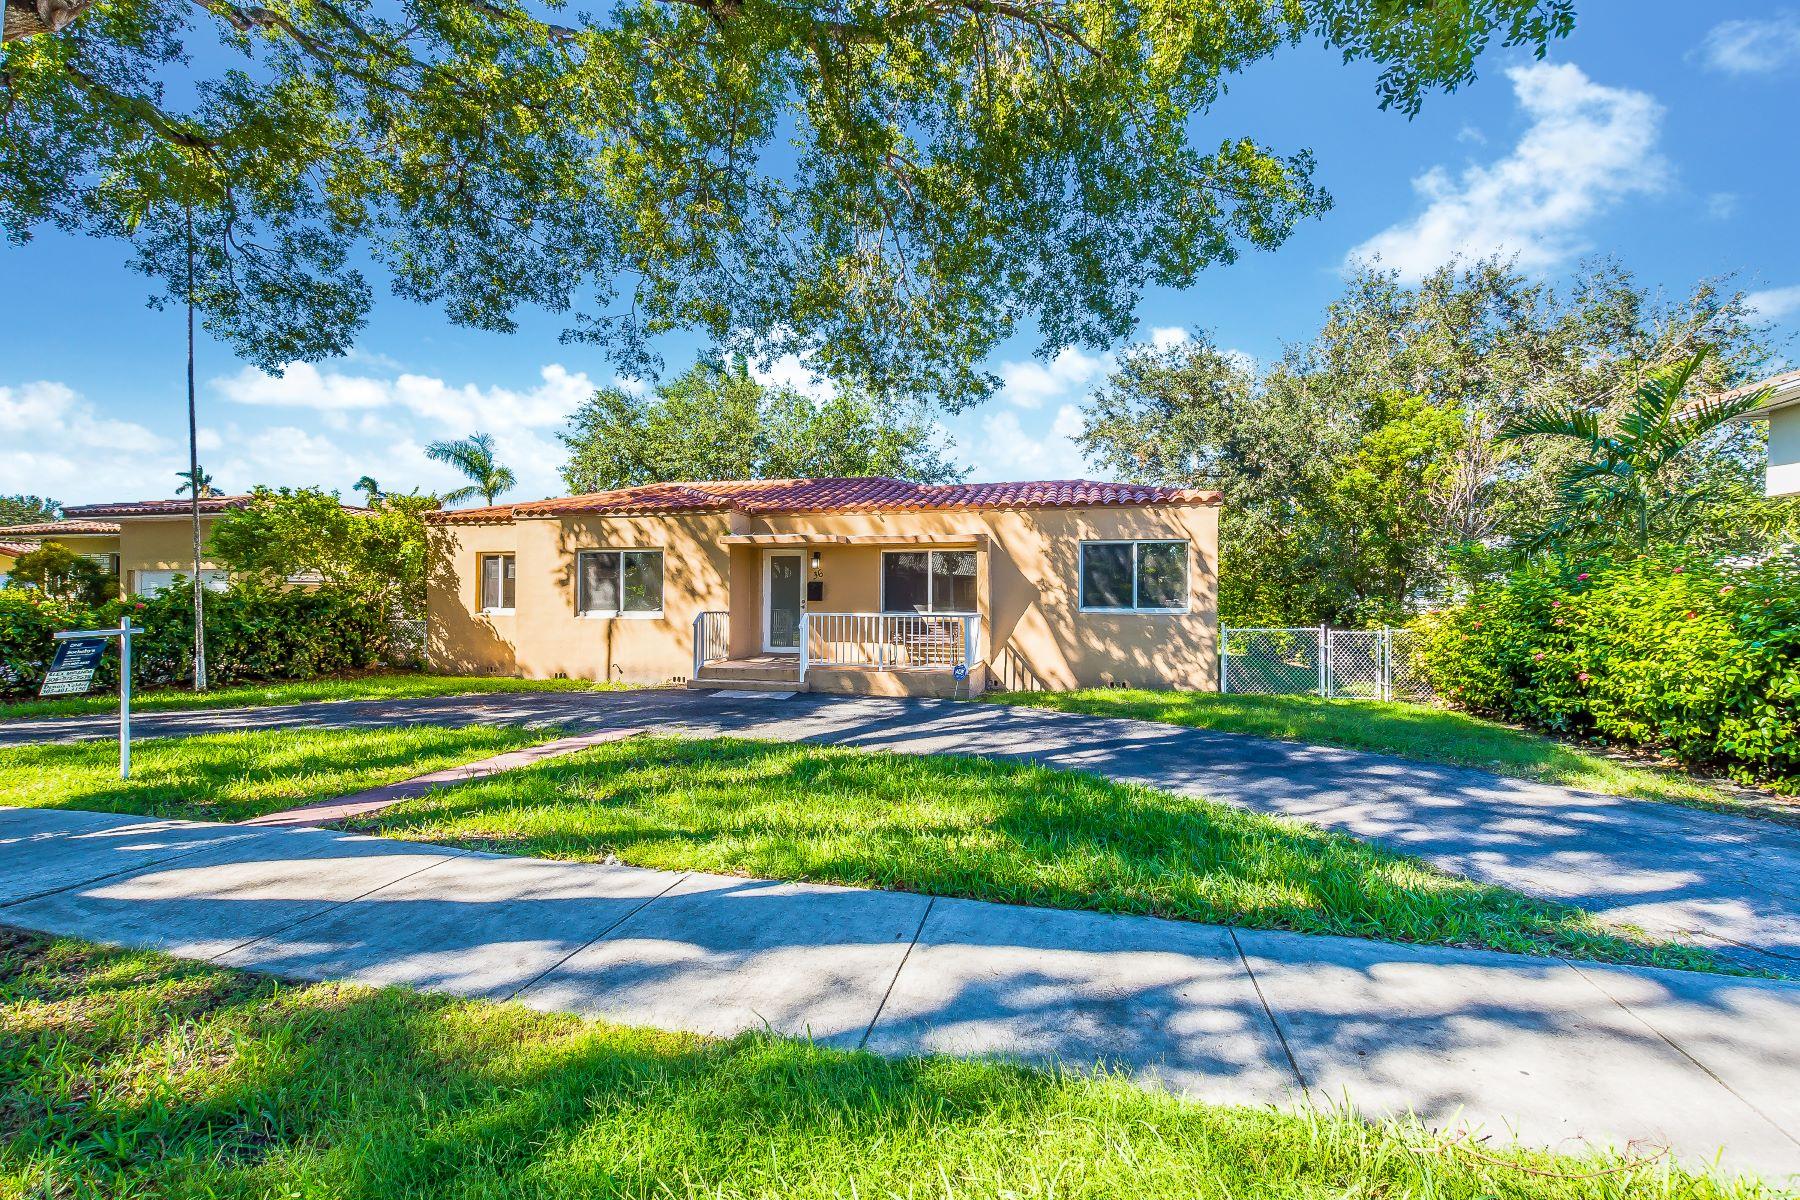 단독 가정 주택 용 매매 에 36 Palmetto Dr Miami Springs, 플로리다, 33166 미국